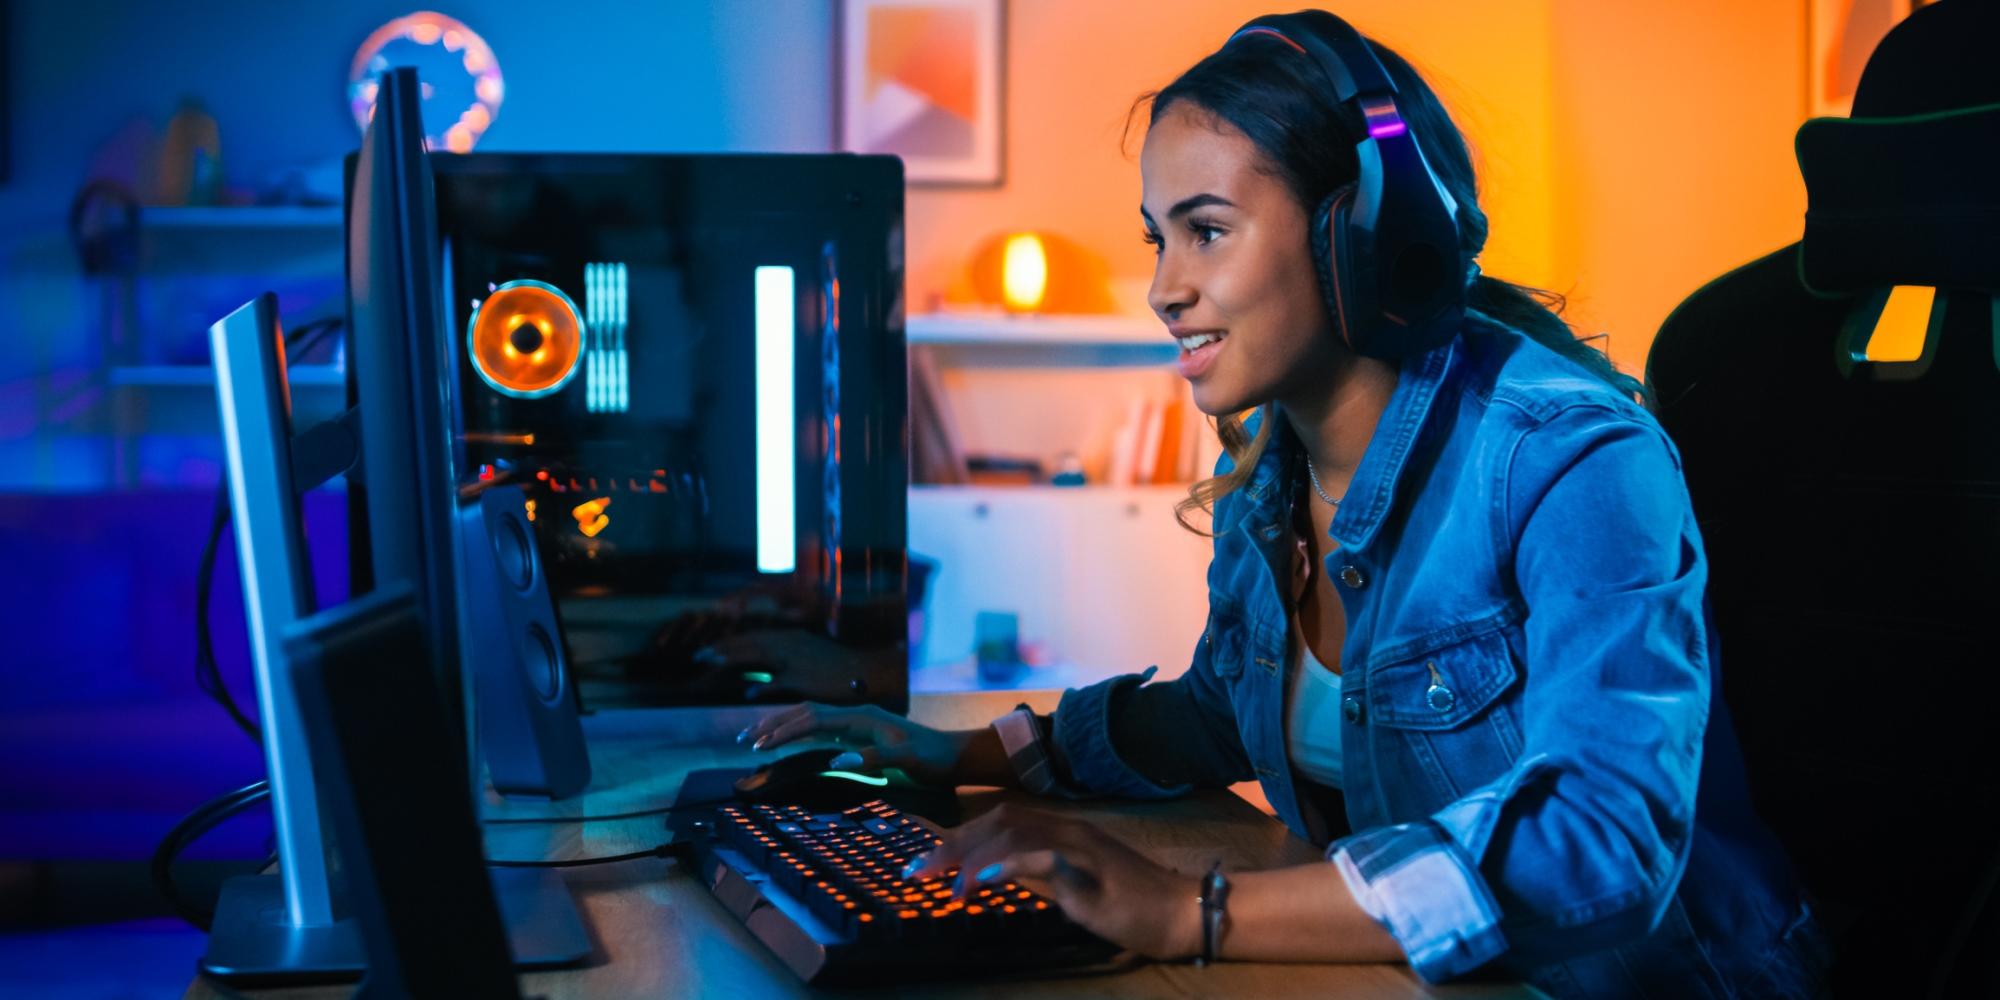 Nuori nainen tai tyttö pelaa tietokoneella kuulokkeet päässään